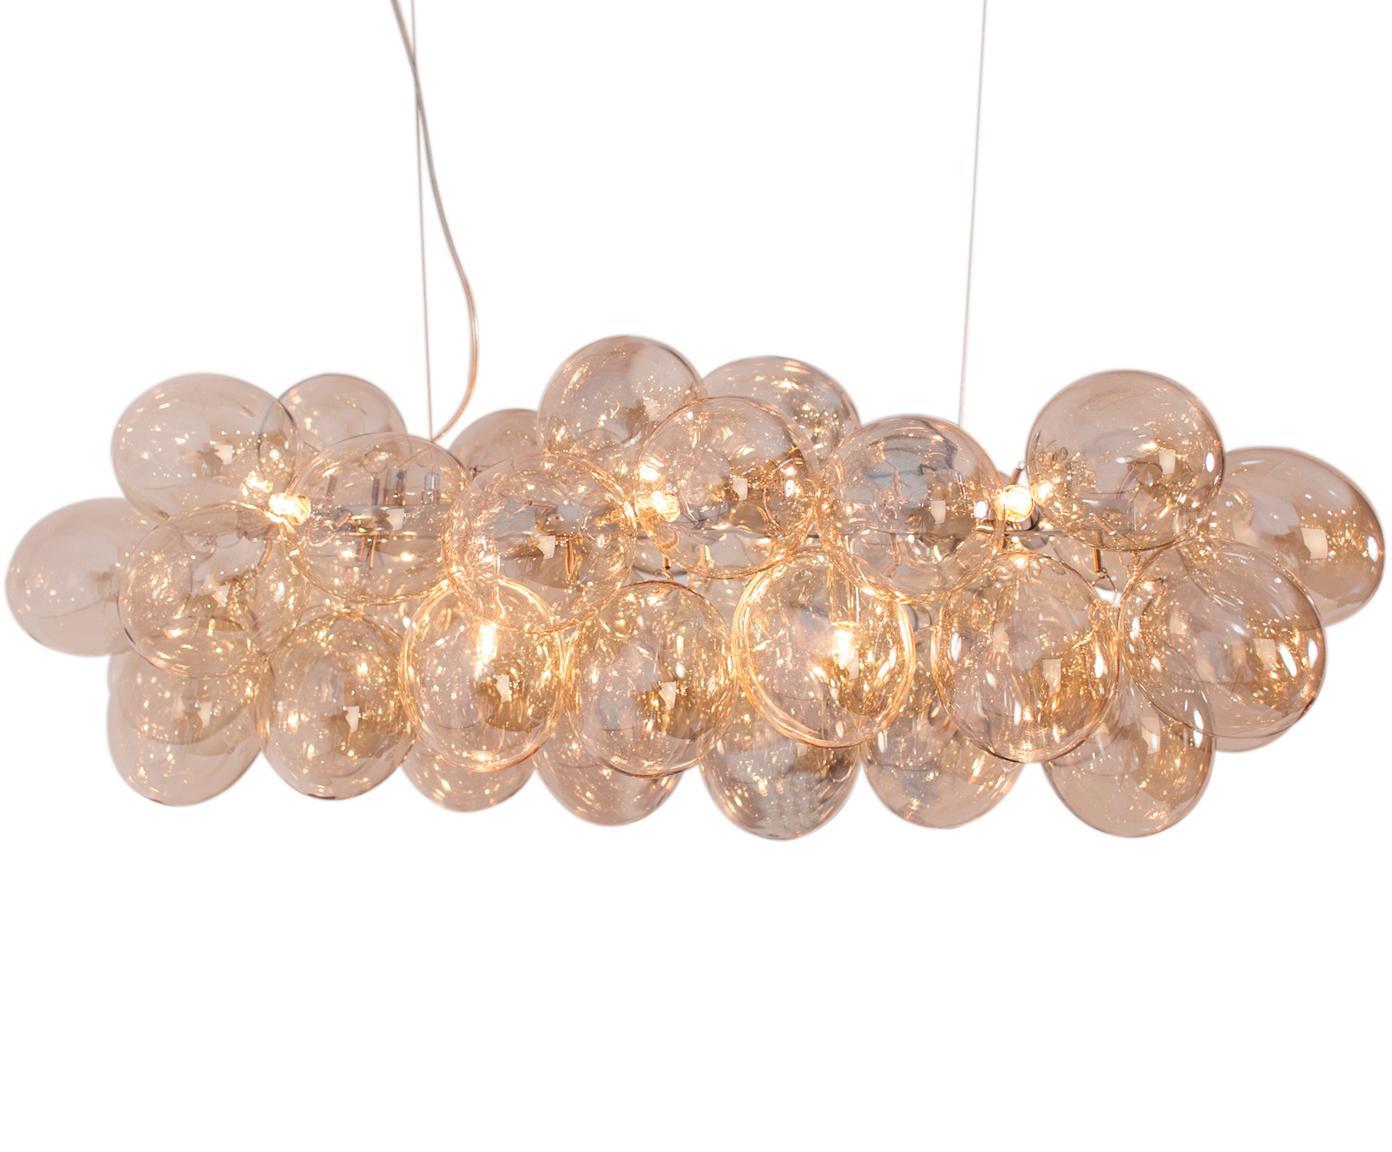 Hanglamp met glazen bollen Gross Bar, Amberkleurig, 80 x 36 cm